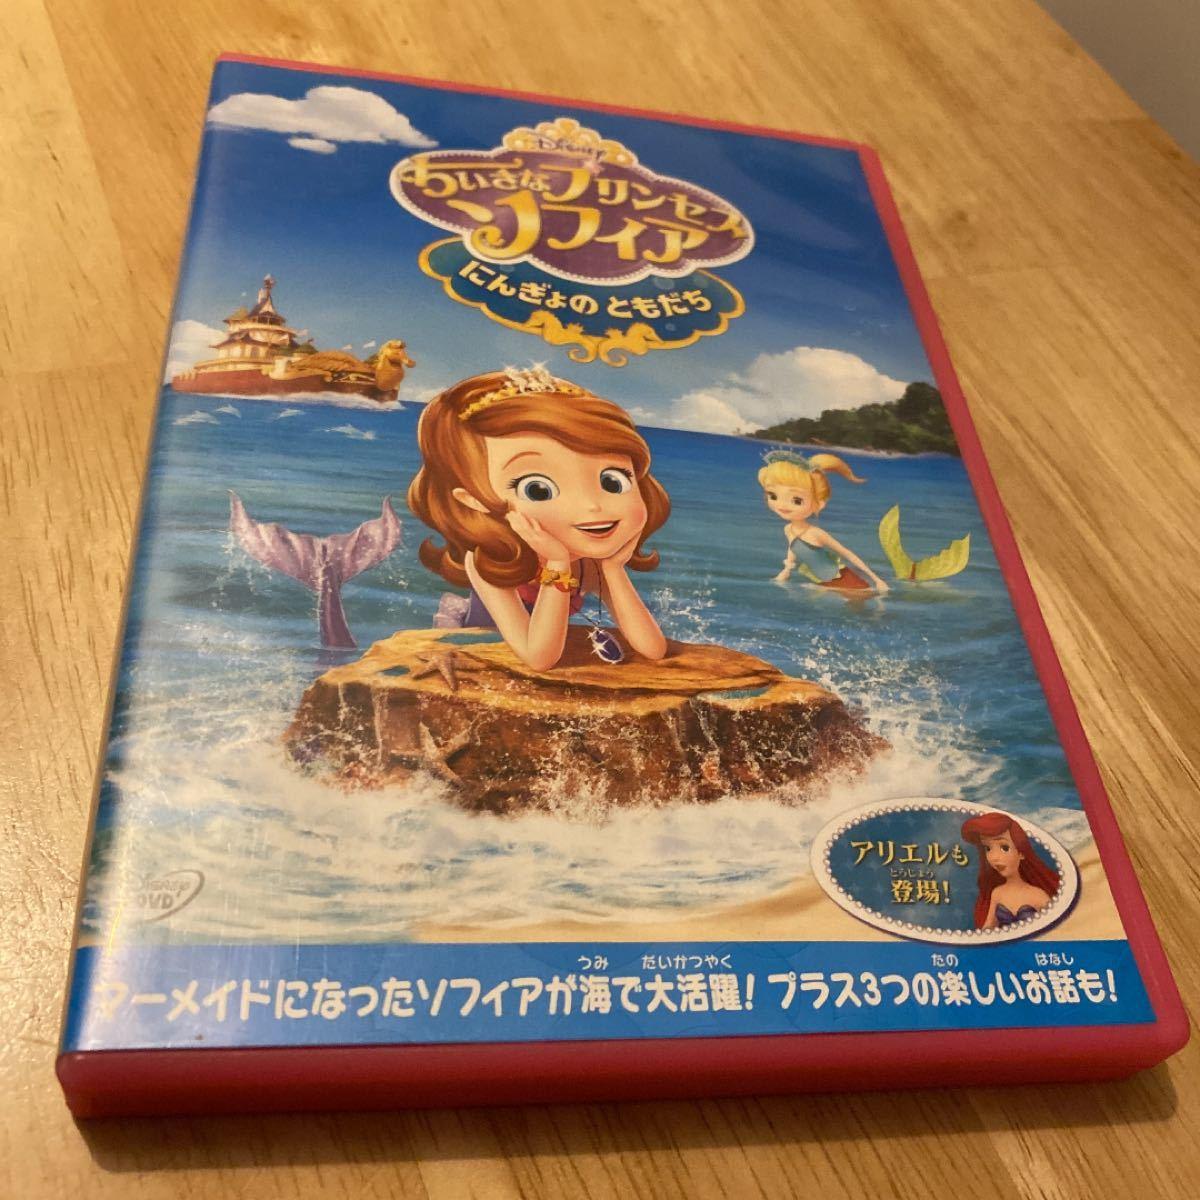 ディズニー ちいさなプリンセスソフィア にんぎょ ディズニーDVD DVD Disney